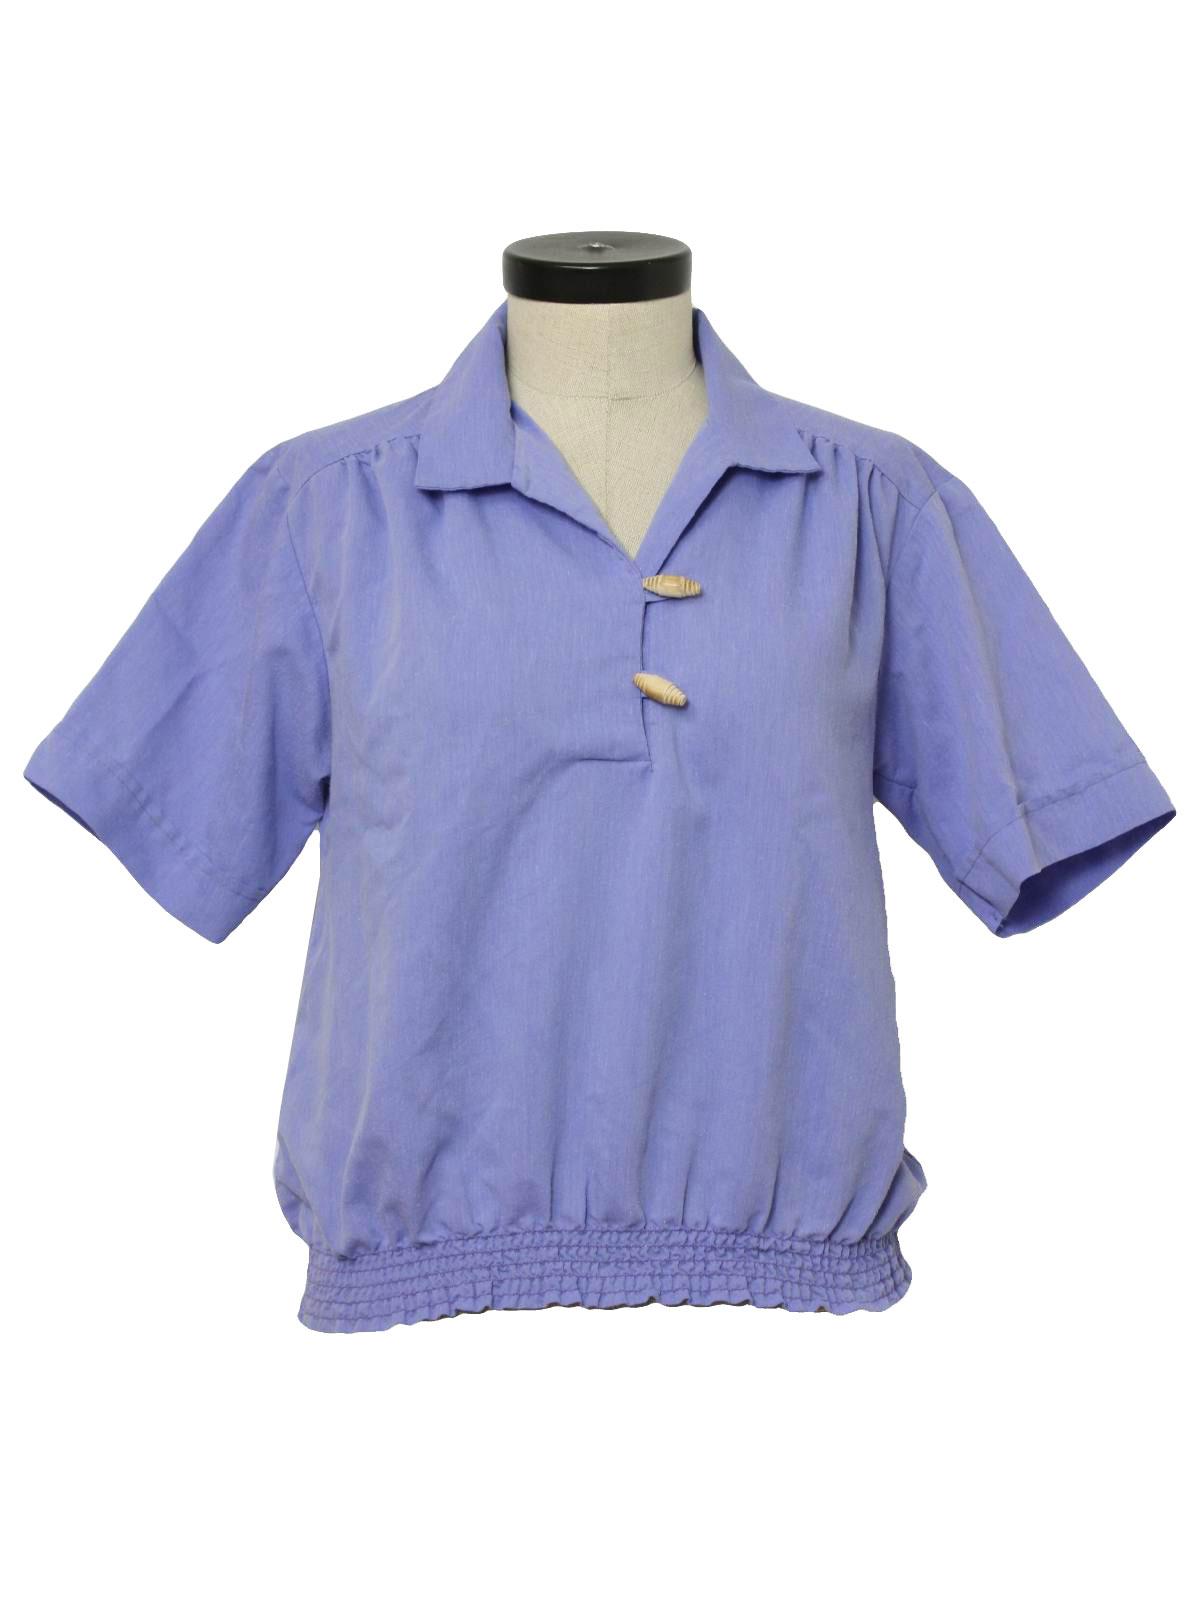 Mens Banded Waist Shirts